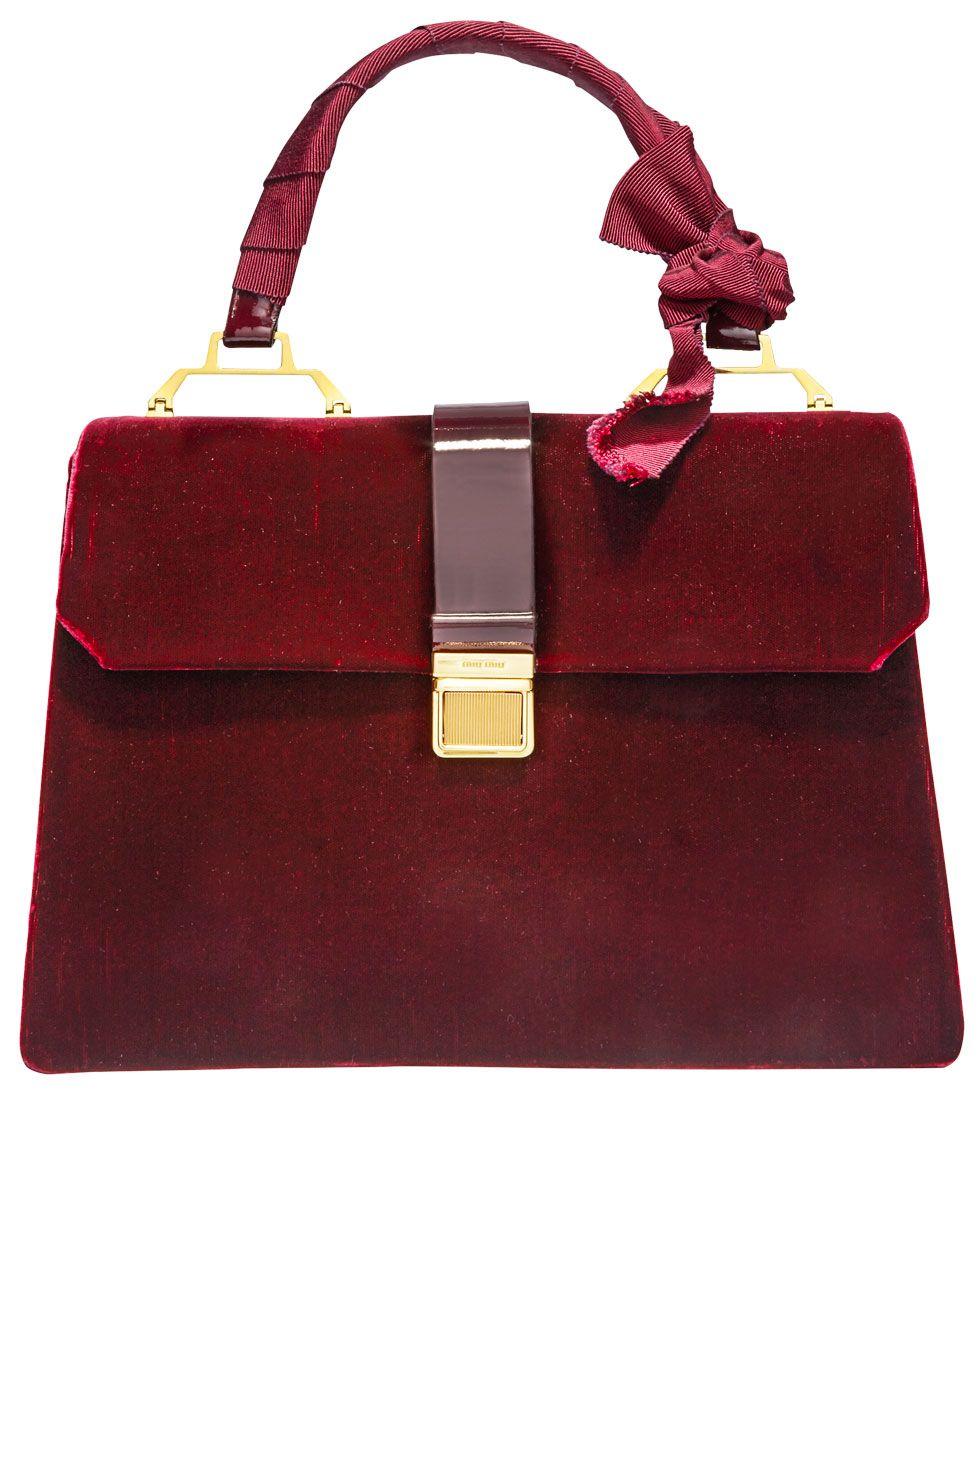 """<p><strong></strong><strong>Miu Miu</strong> bag, $2,160, <a href=""""http://www.miumiu.com/"""">miumiu.com</a>.</p>"""